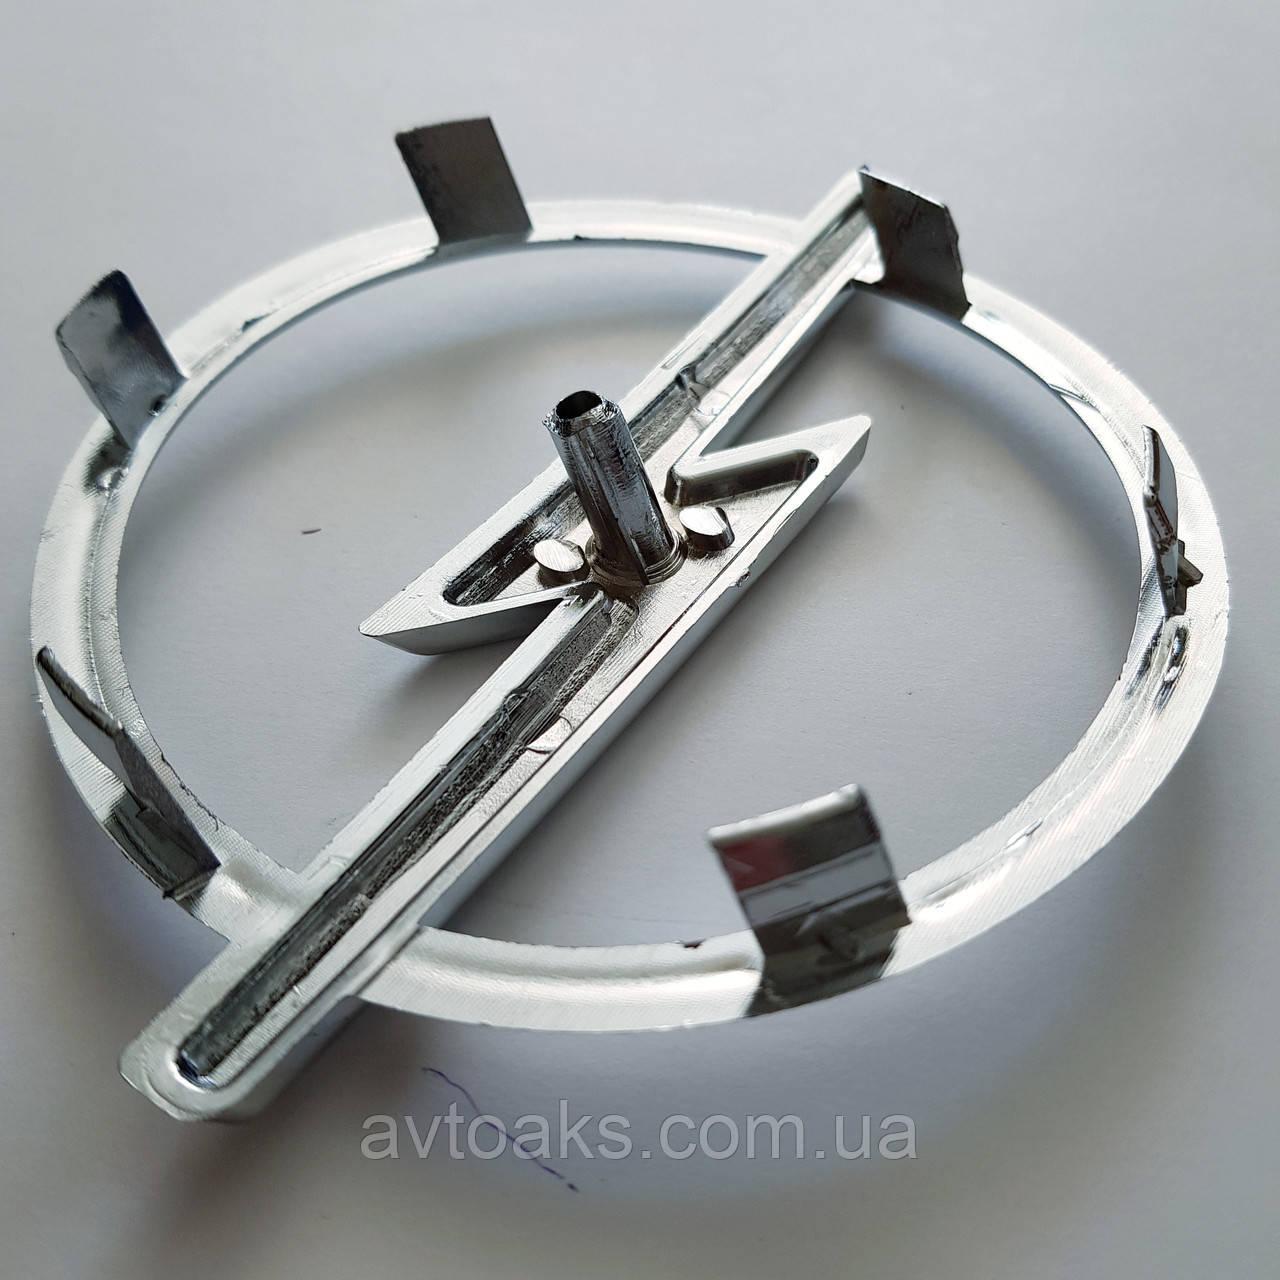 Эмблема решетки Opel Vectra B 95 - 01, диам 96 мм.